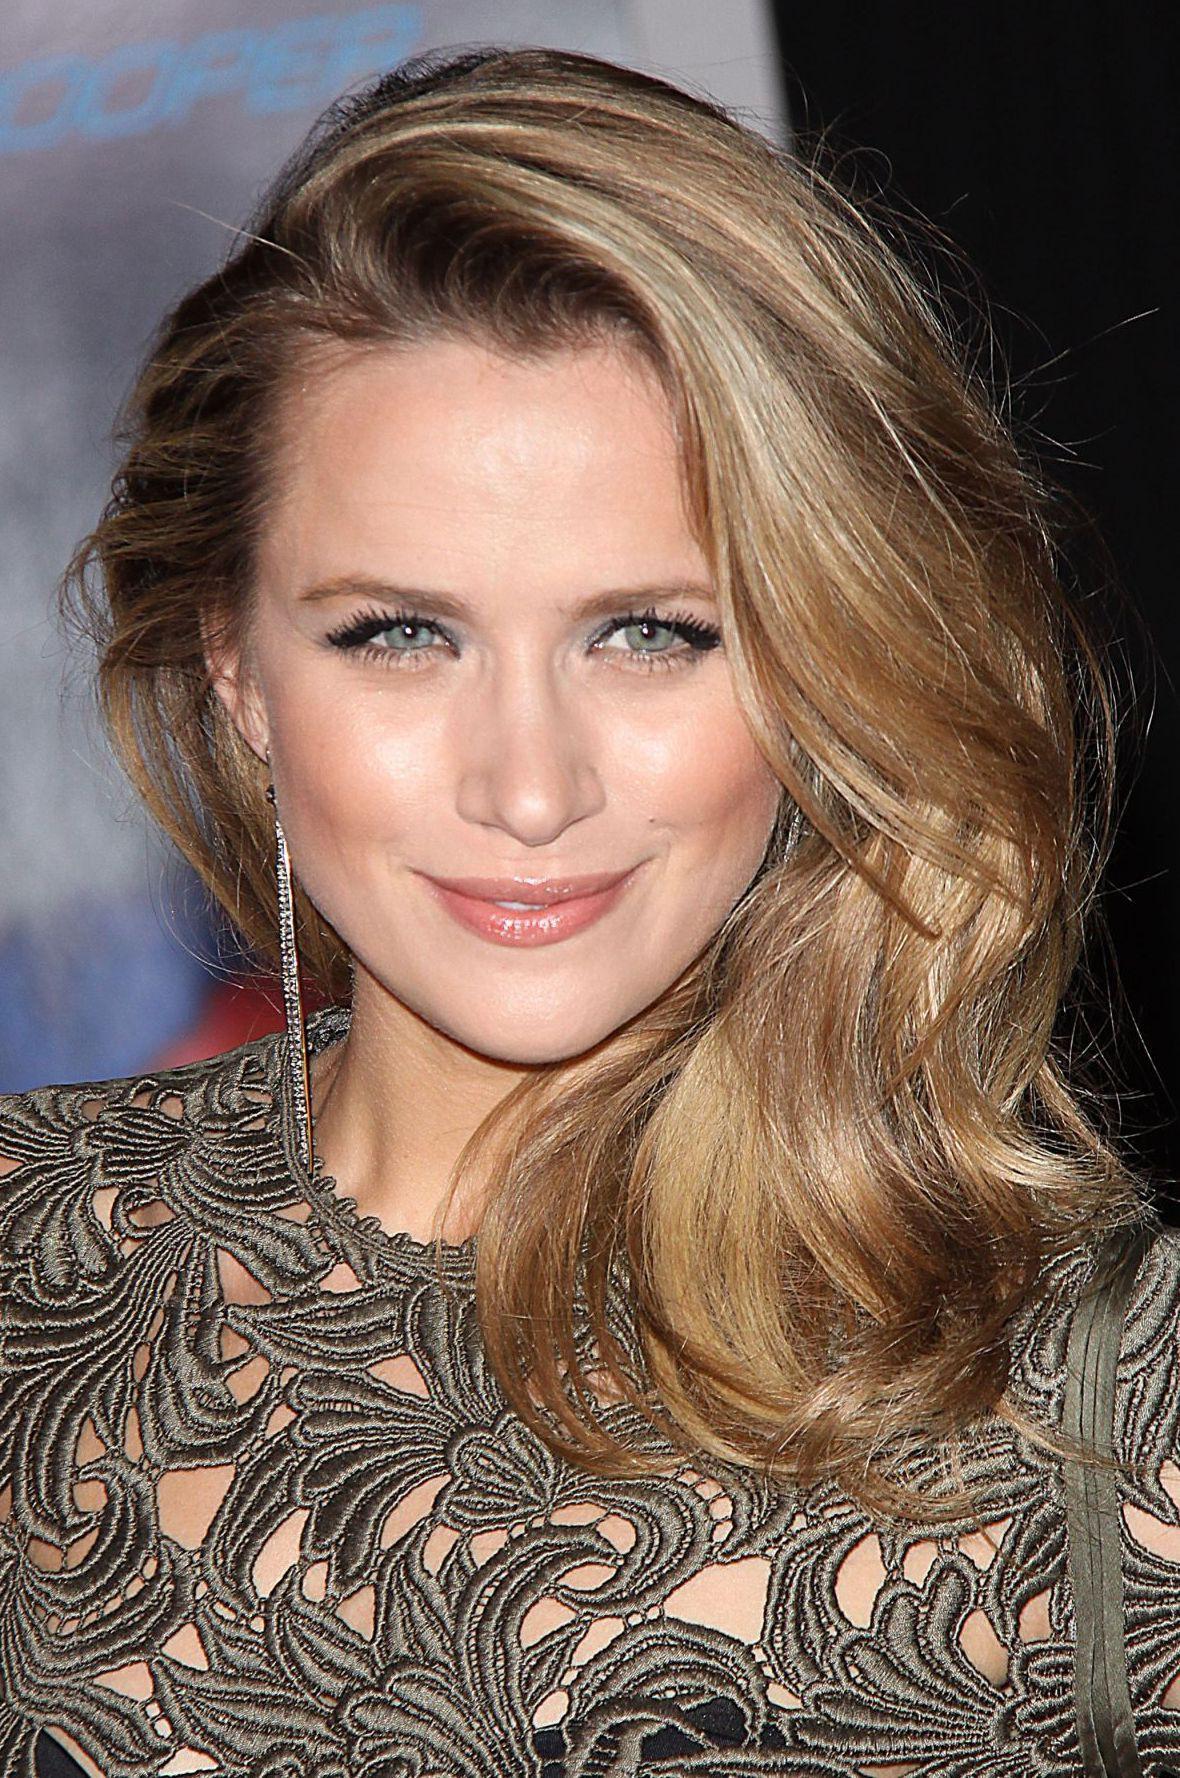 Shantel VanSanten blond hairstyle, Pretty Face, Long Hair Girl